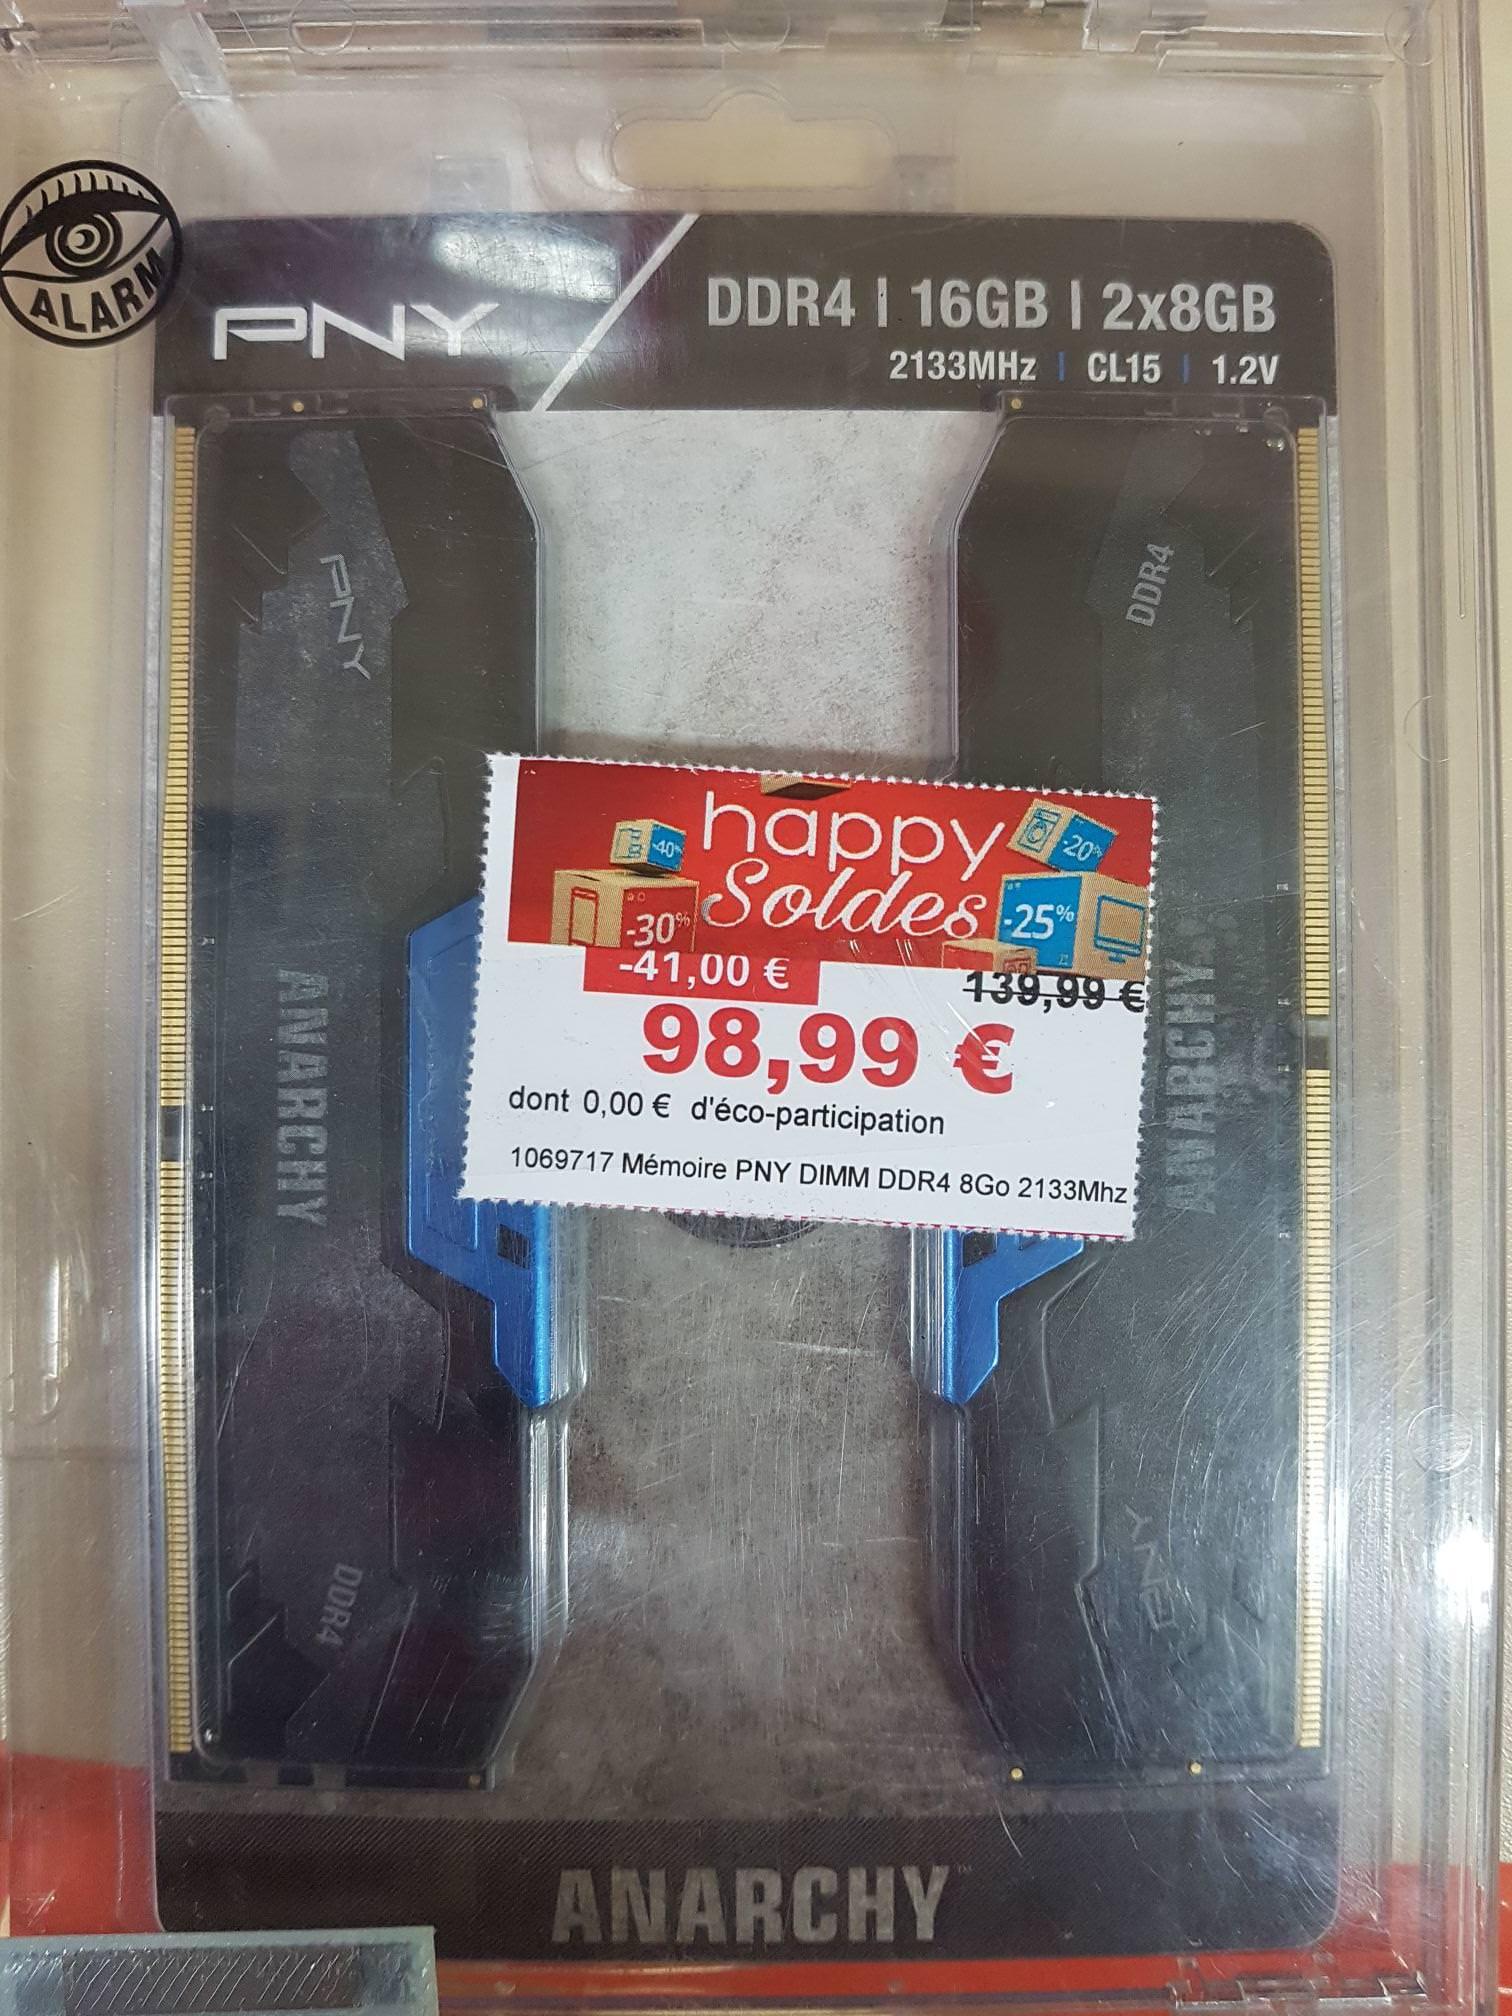 Kit de RAM PNY Anarchy DDR4-2133 CL15 - 16 Go (2x8) chez Boulanger Saint-Orens-de-Gameville (31)